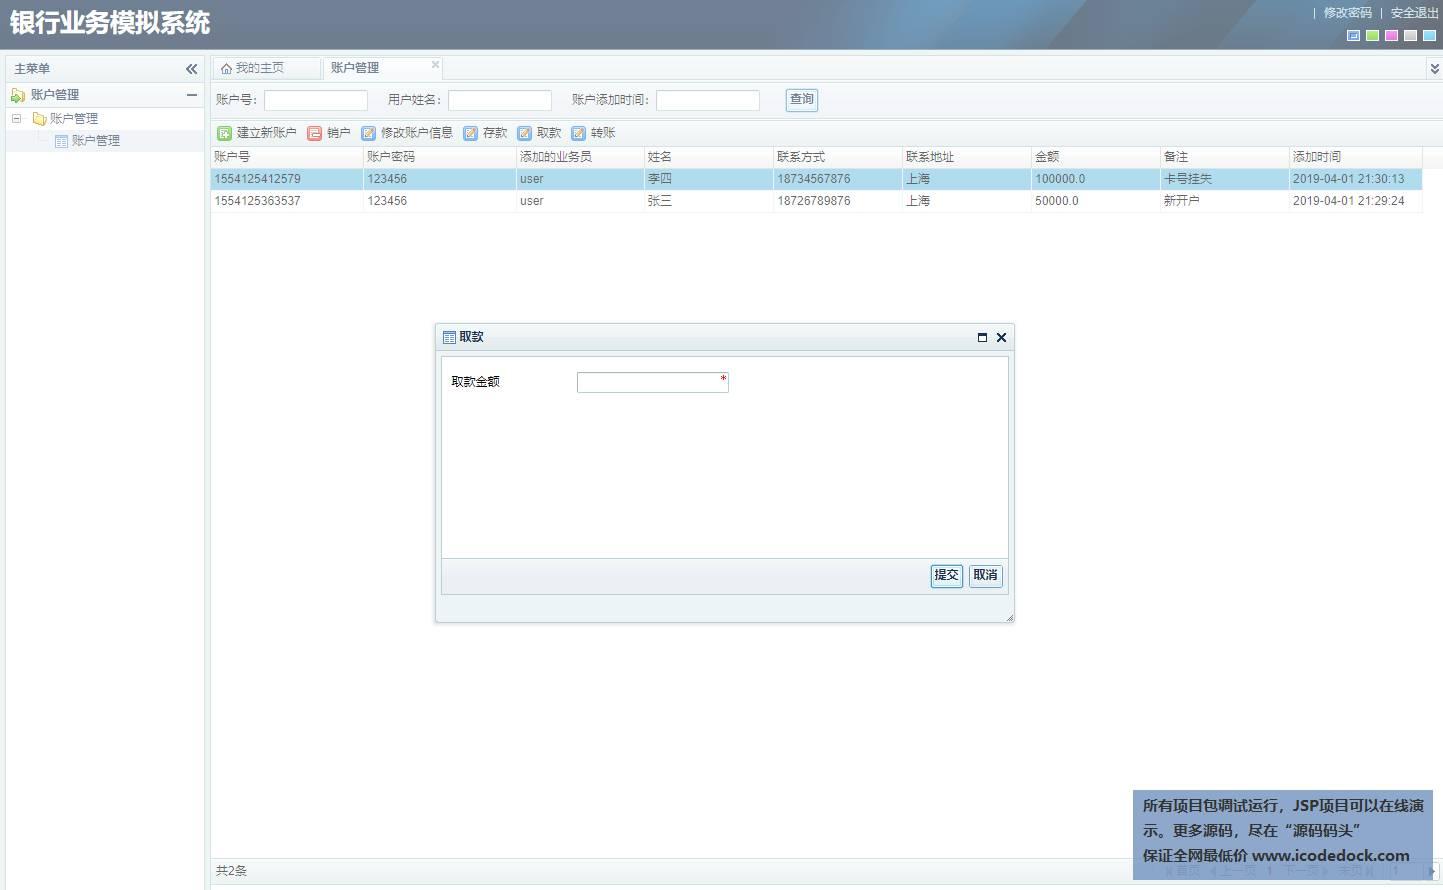 源码码头-SSH在线银行业务模拟系统-业务员角色-取款